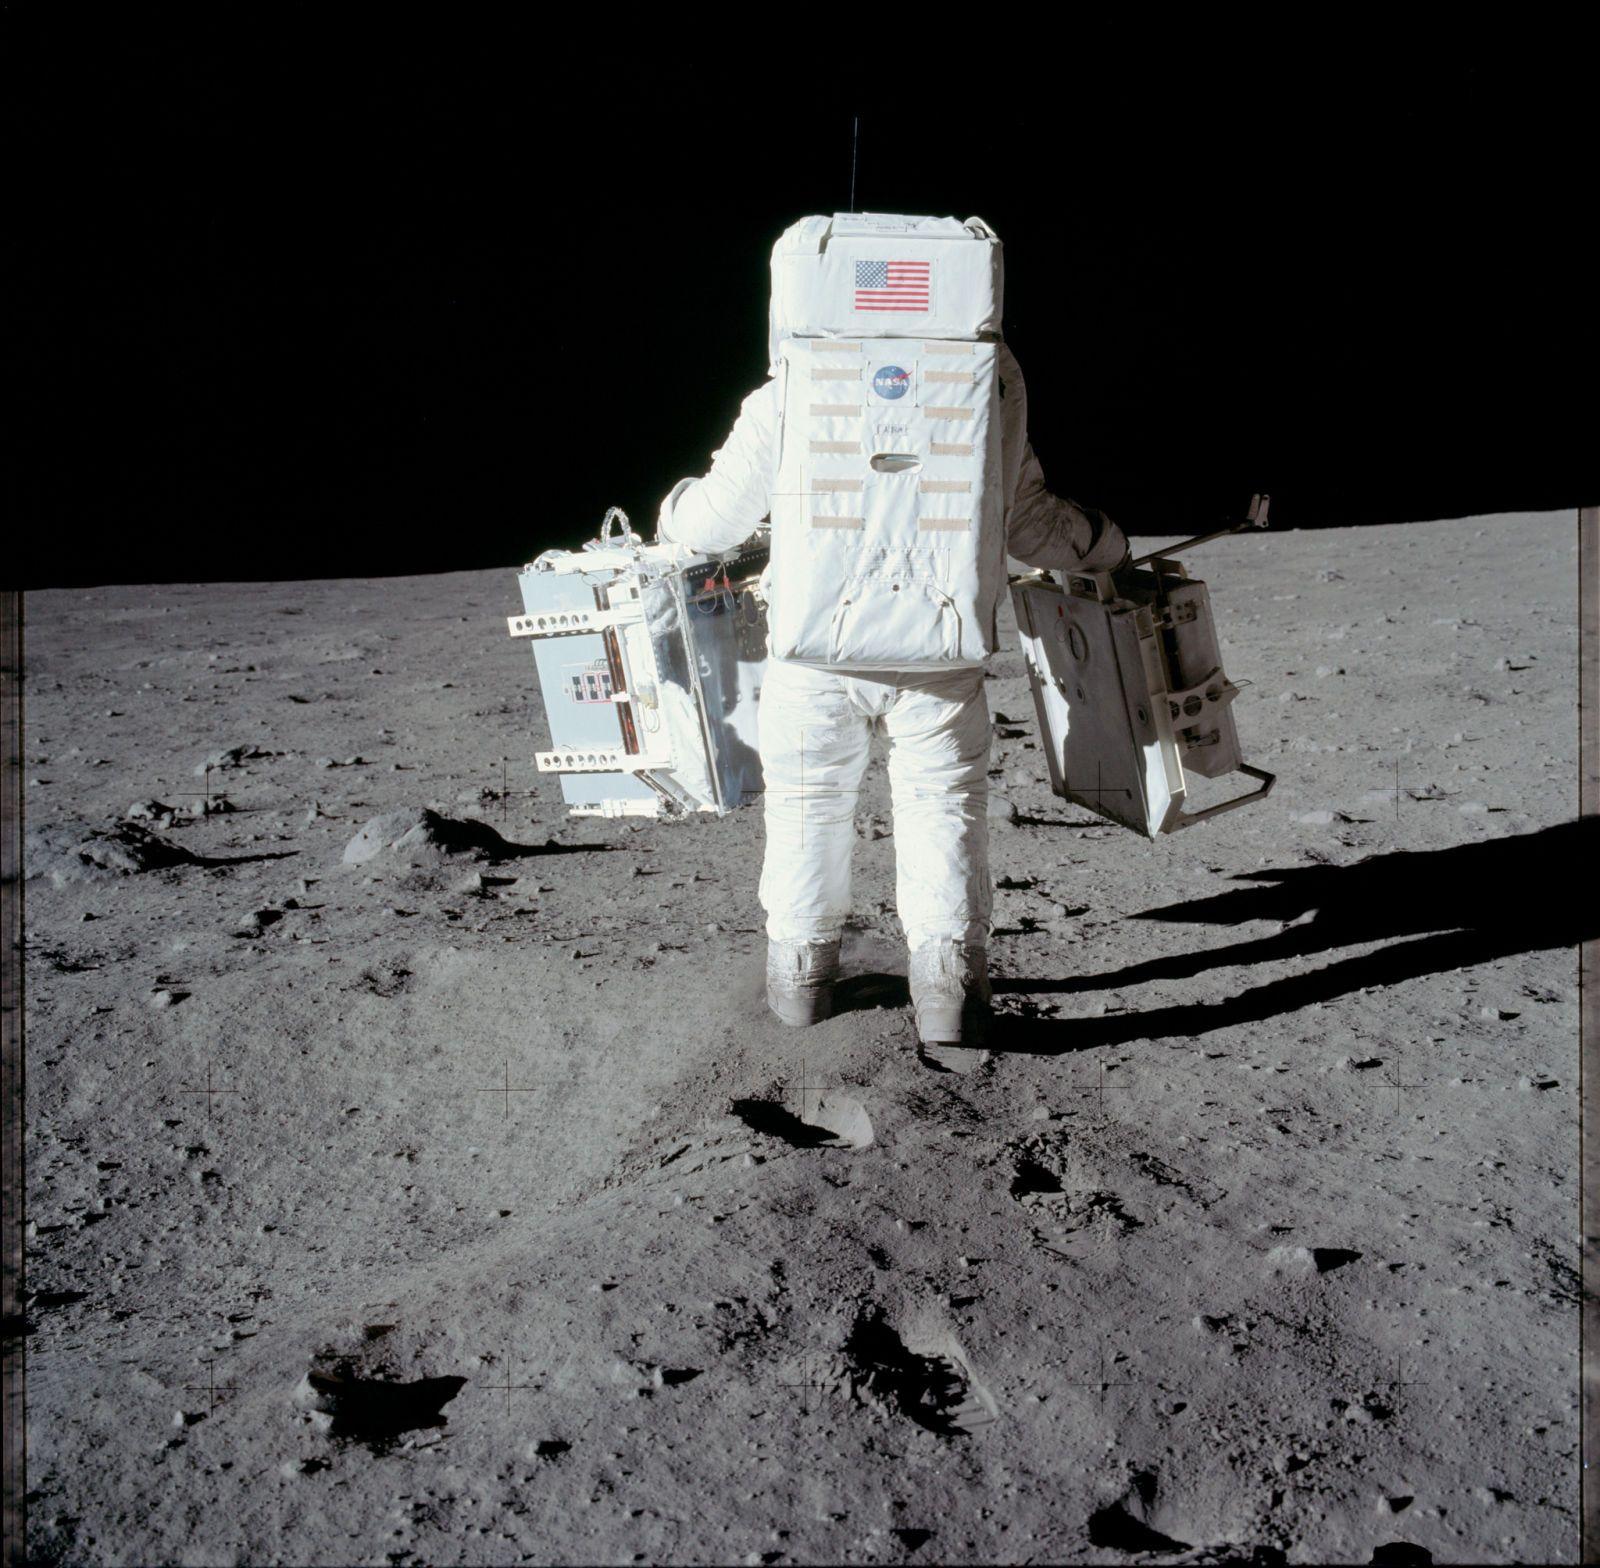 0603a9ebb76b262c8a4a7c8245da419b - How Long To Get To The Moon Apollo 11